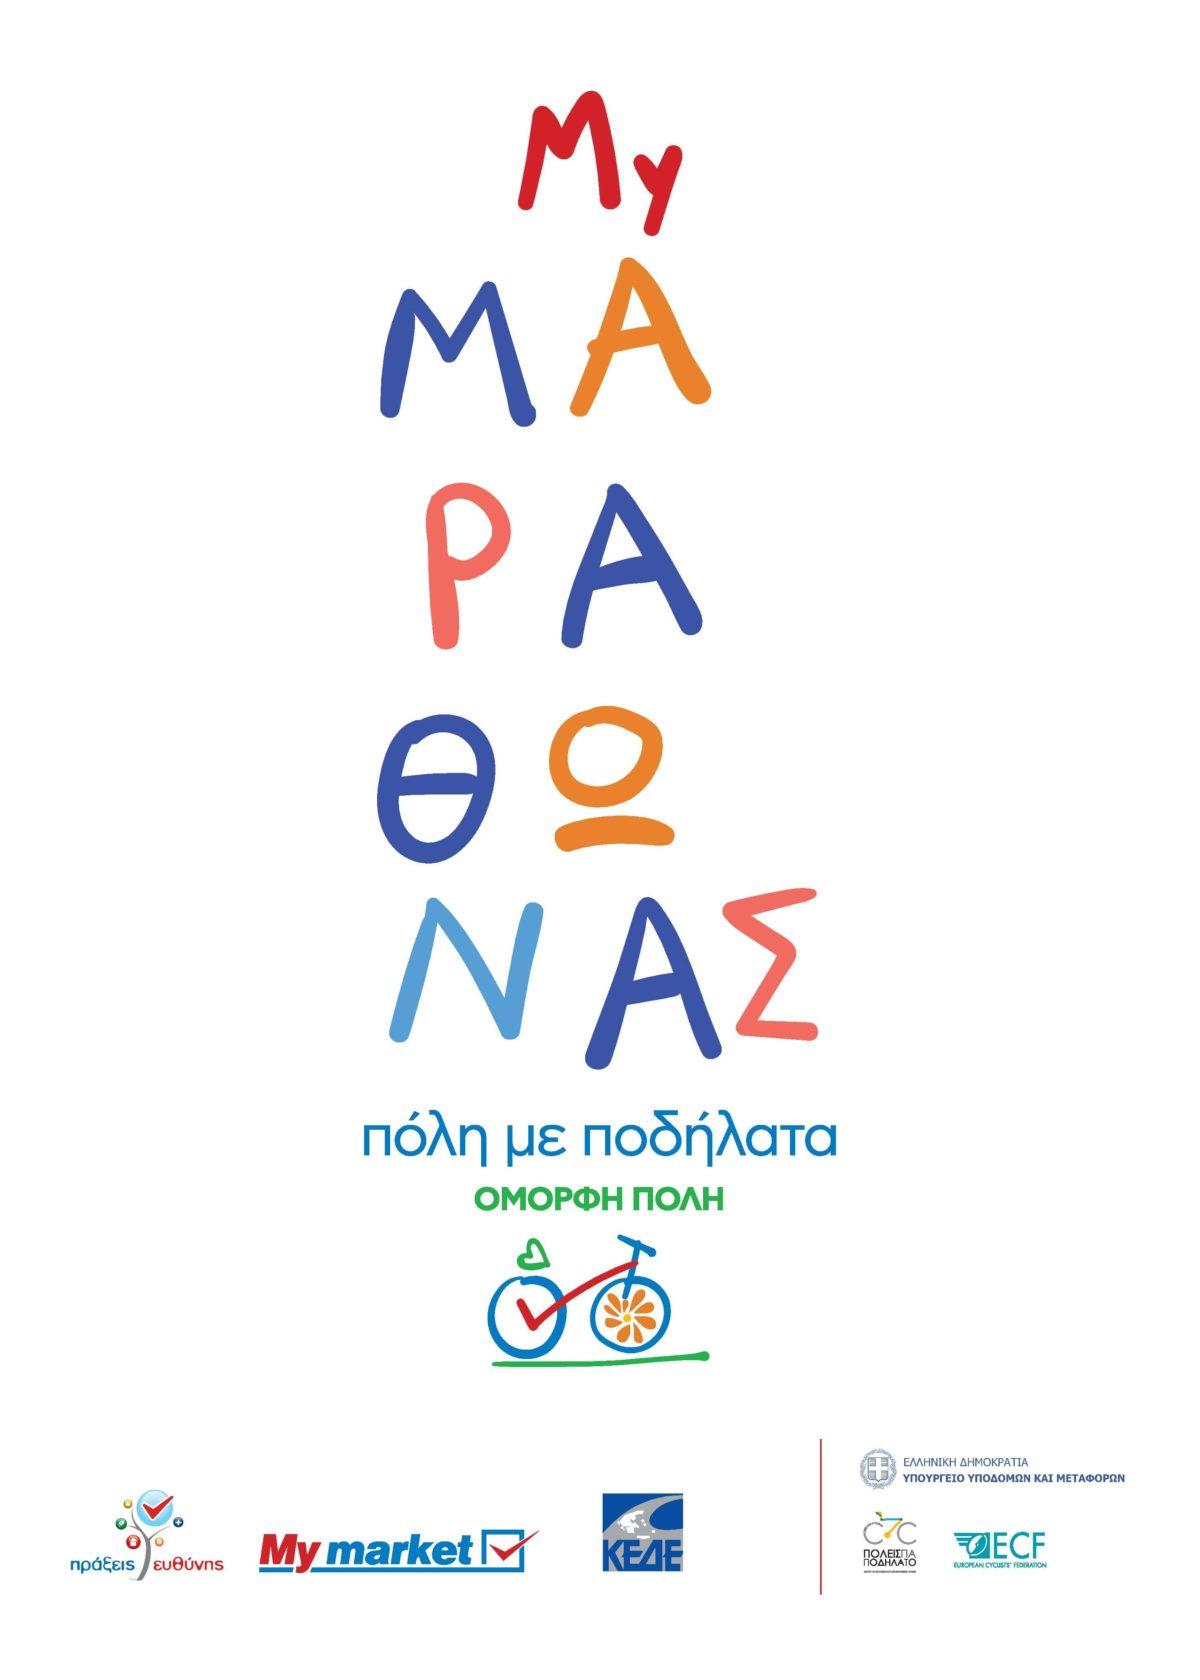 «Πόλη με ποδήλατα – Όμορφη πόλη» την Τετάρτη 21 Ιουλίου στην παραλία Νέας Μάκρης